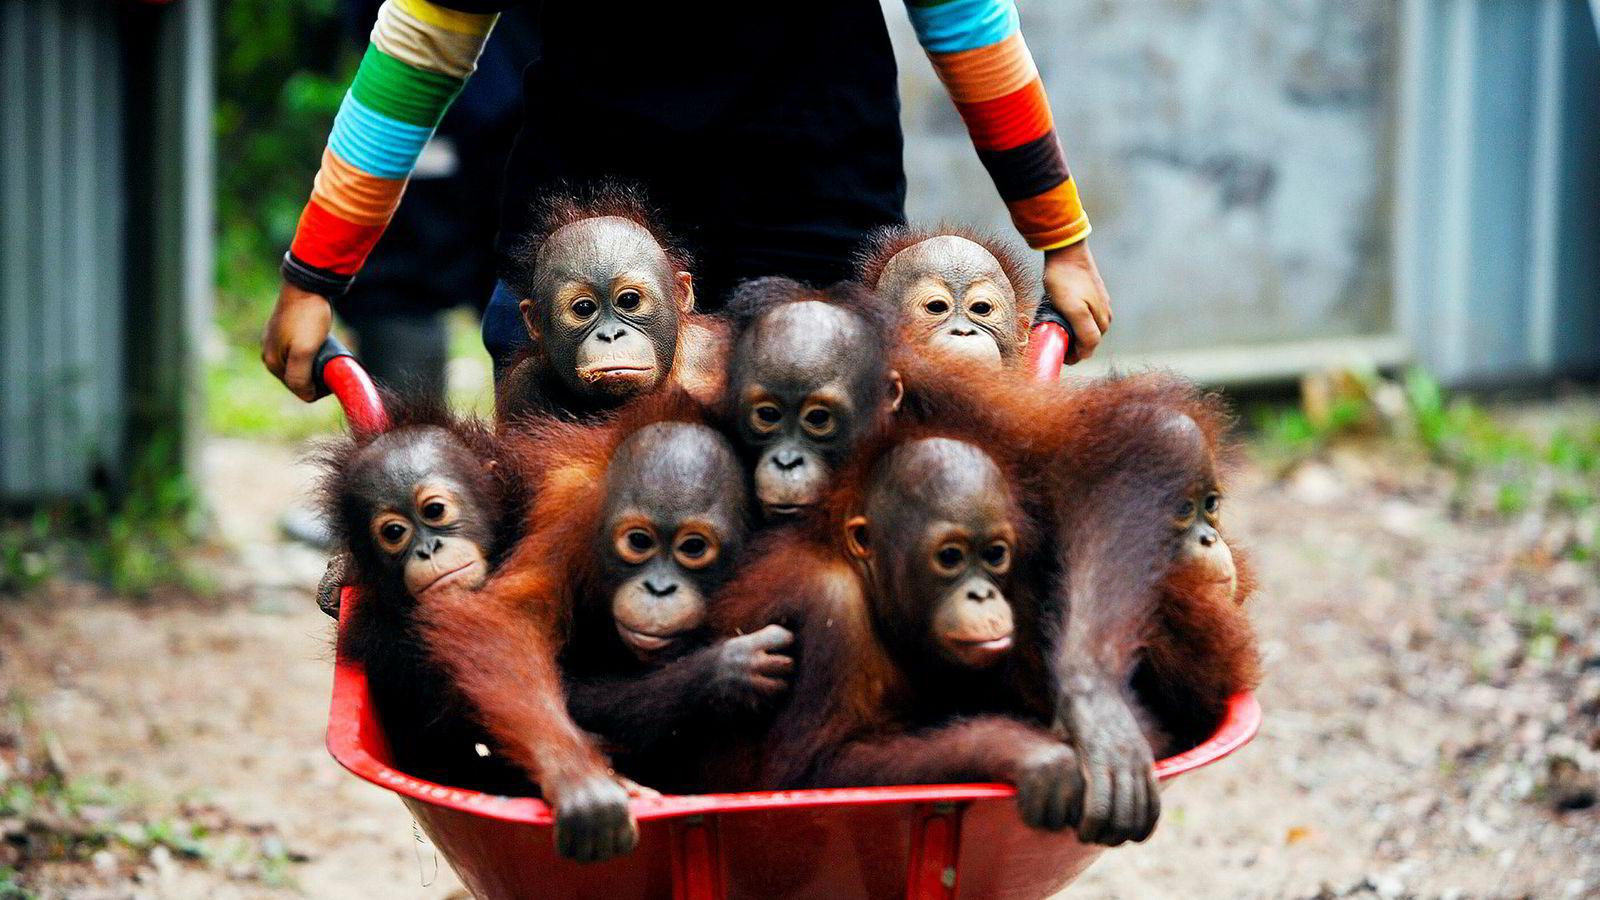 Orangutanger er noen av kjendisene på listen over rundt én million utryddelsestruede arter på kloden. Hugst av regnskog for å gi plass til palmeoljeplantasjer er en av truslene mot apen.